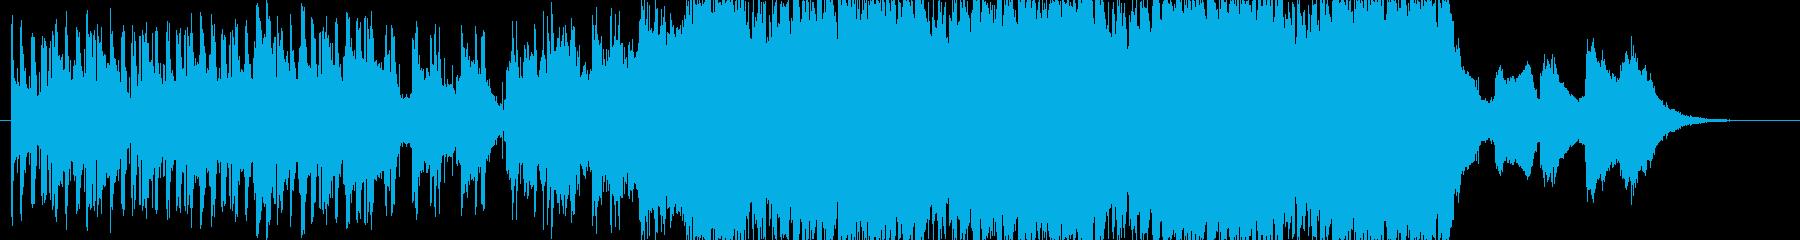 クールなゲーム音楽の再生済みの波形